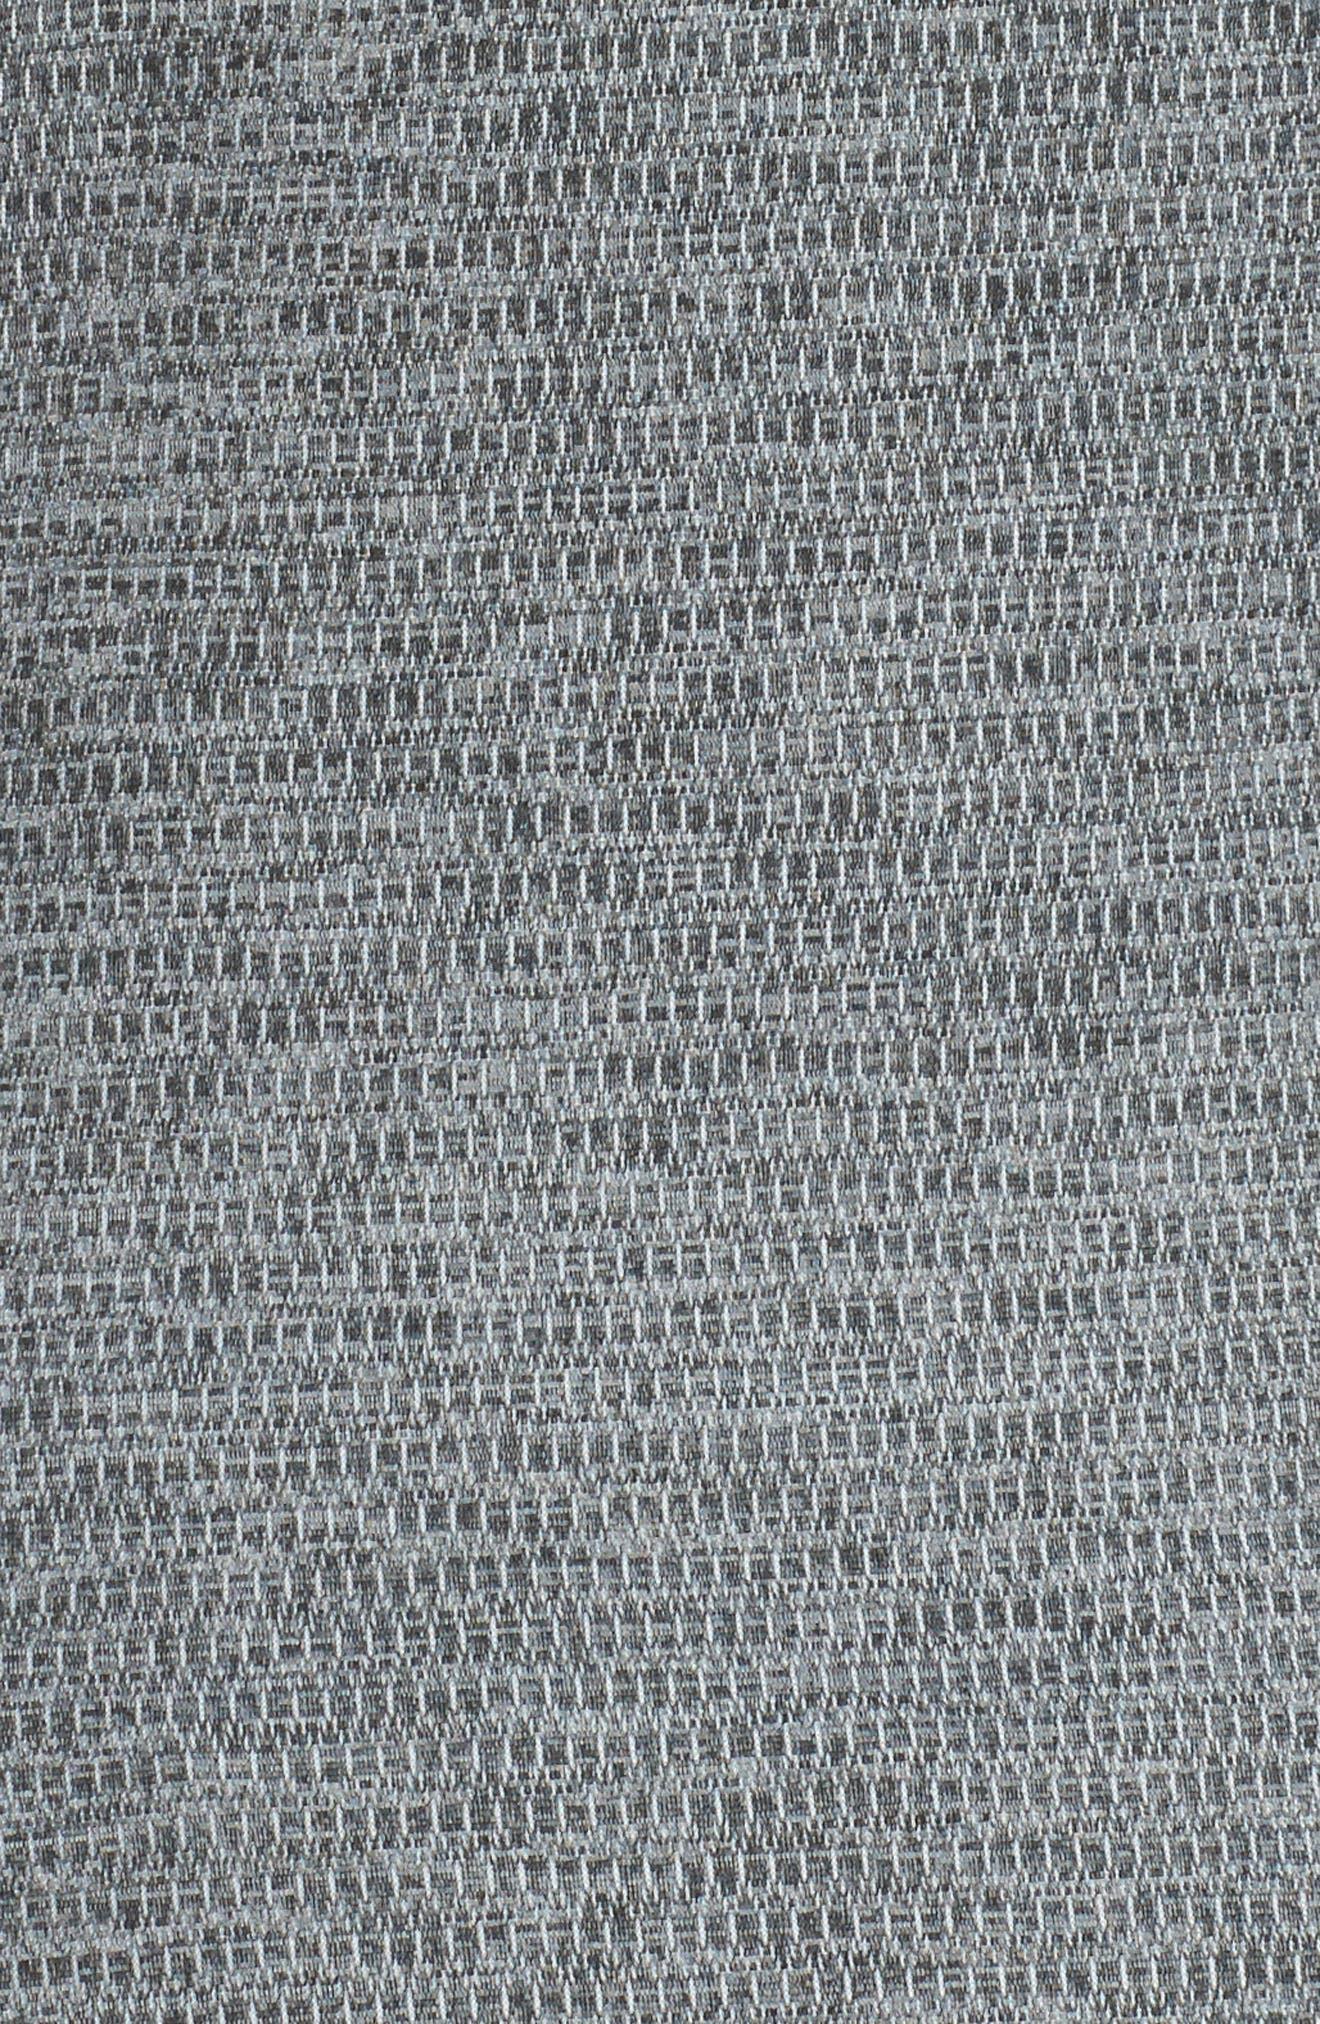 Arcata Zip Jacket,                             Alternate thumbnail 6, color,                             Tnf Mid Grey Heather/ Black